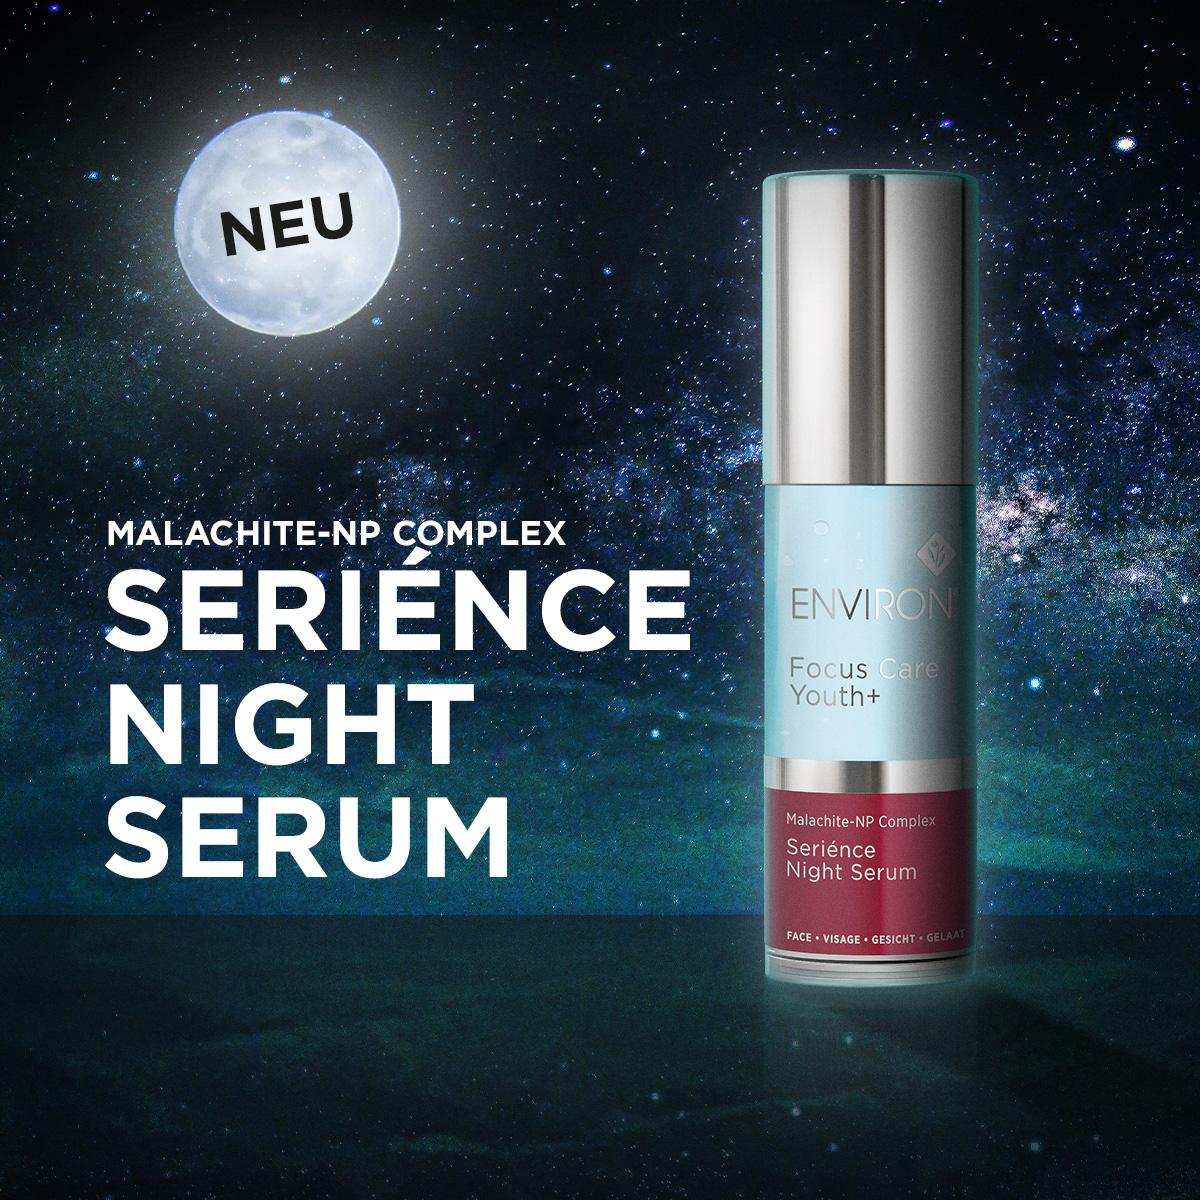 Serience Night Serum von Environ